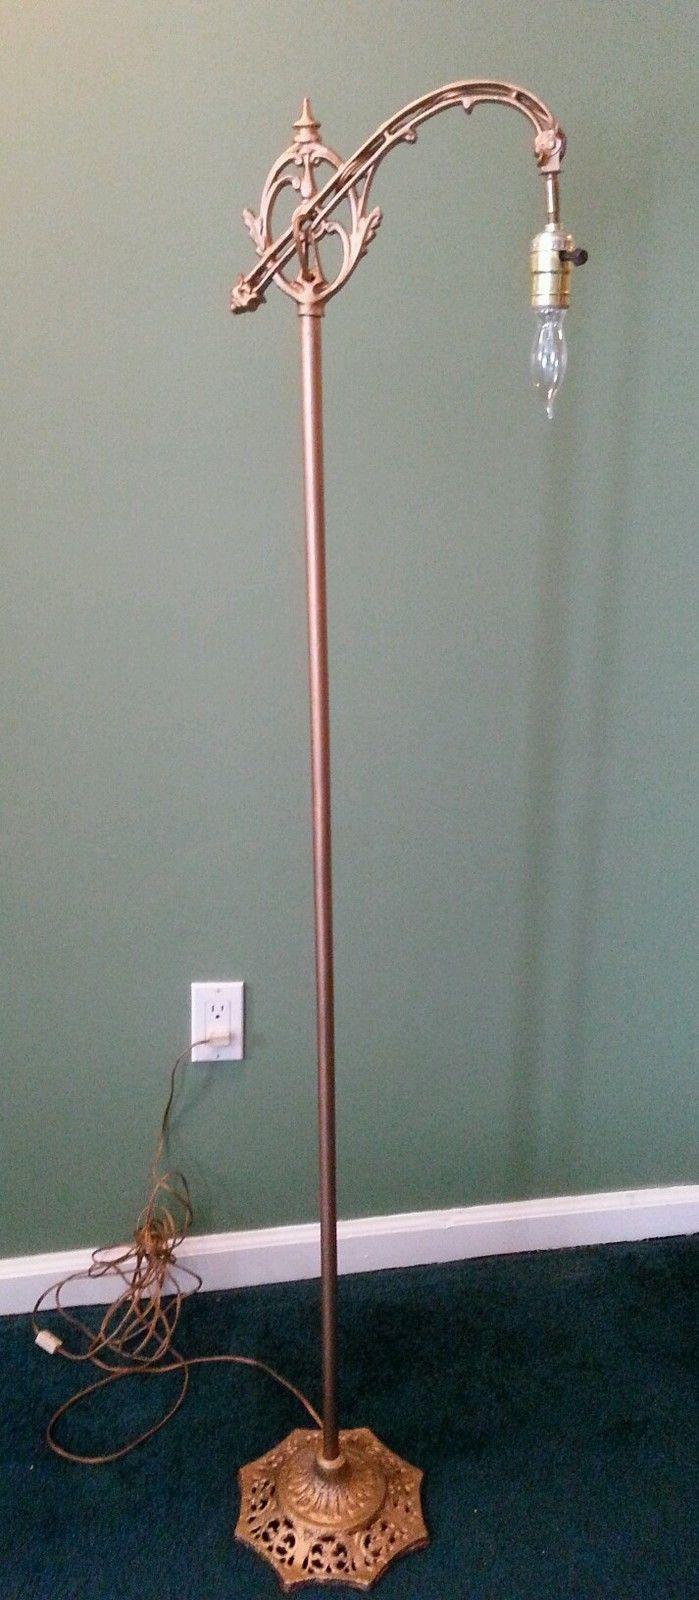 Antique Cast Iron Floor Lamp Bridge Lamp Ornate Arm